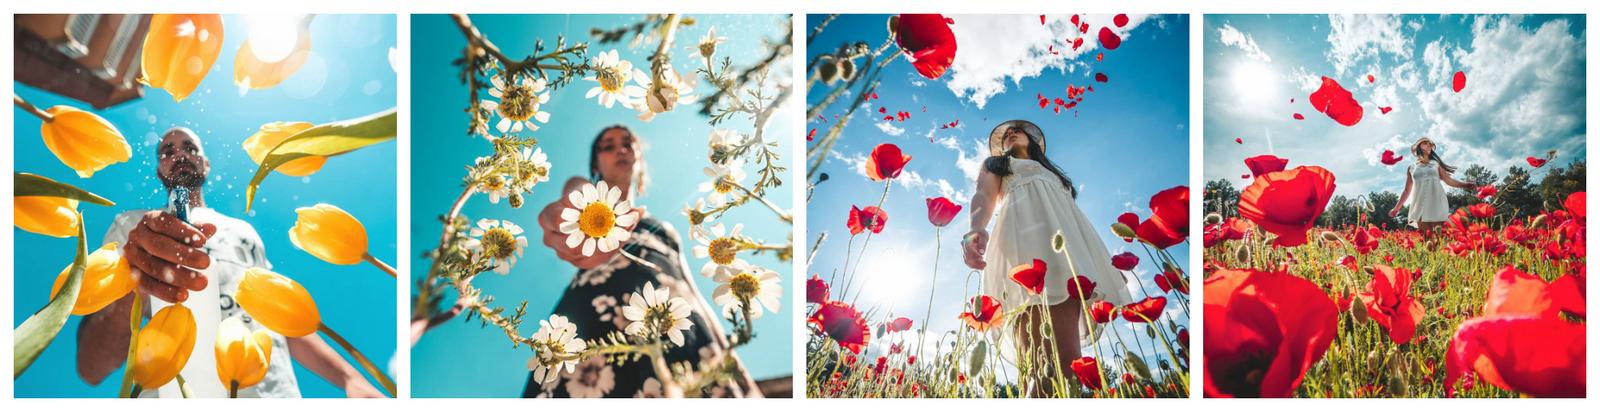 интересный ракурс для портрета с цветами